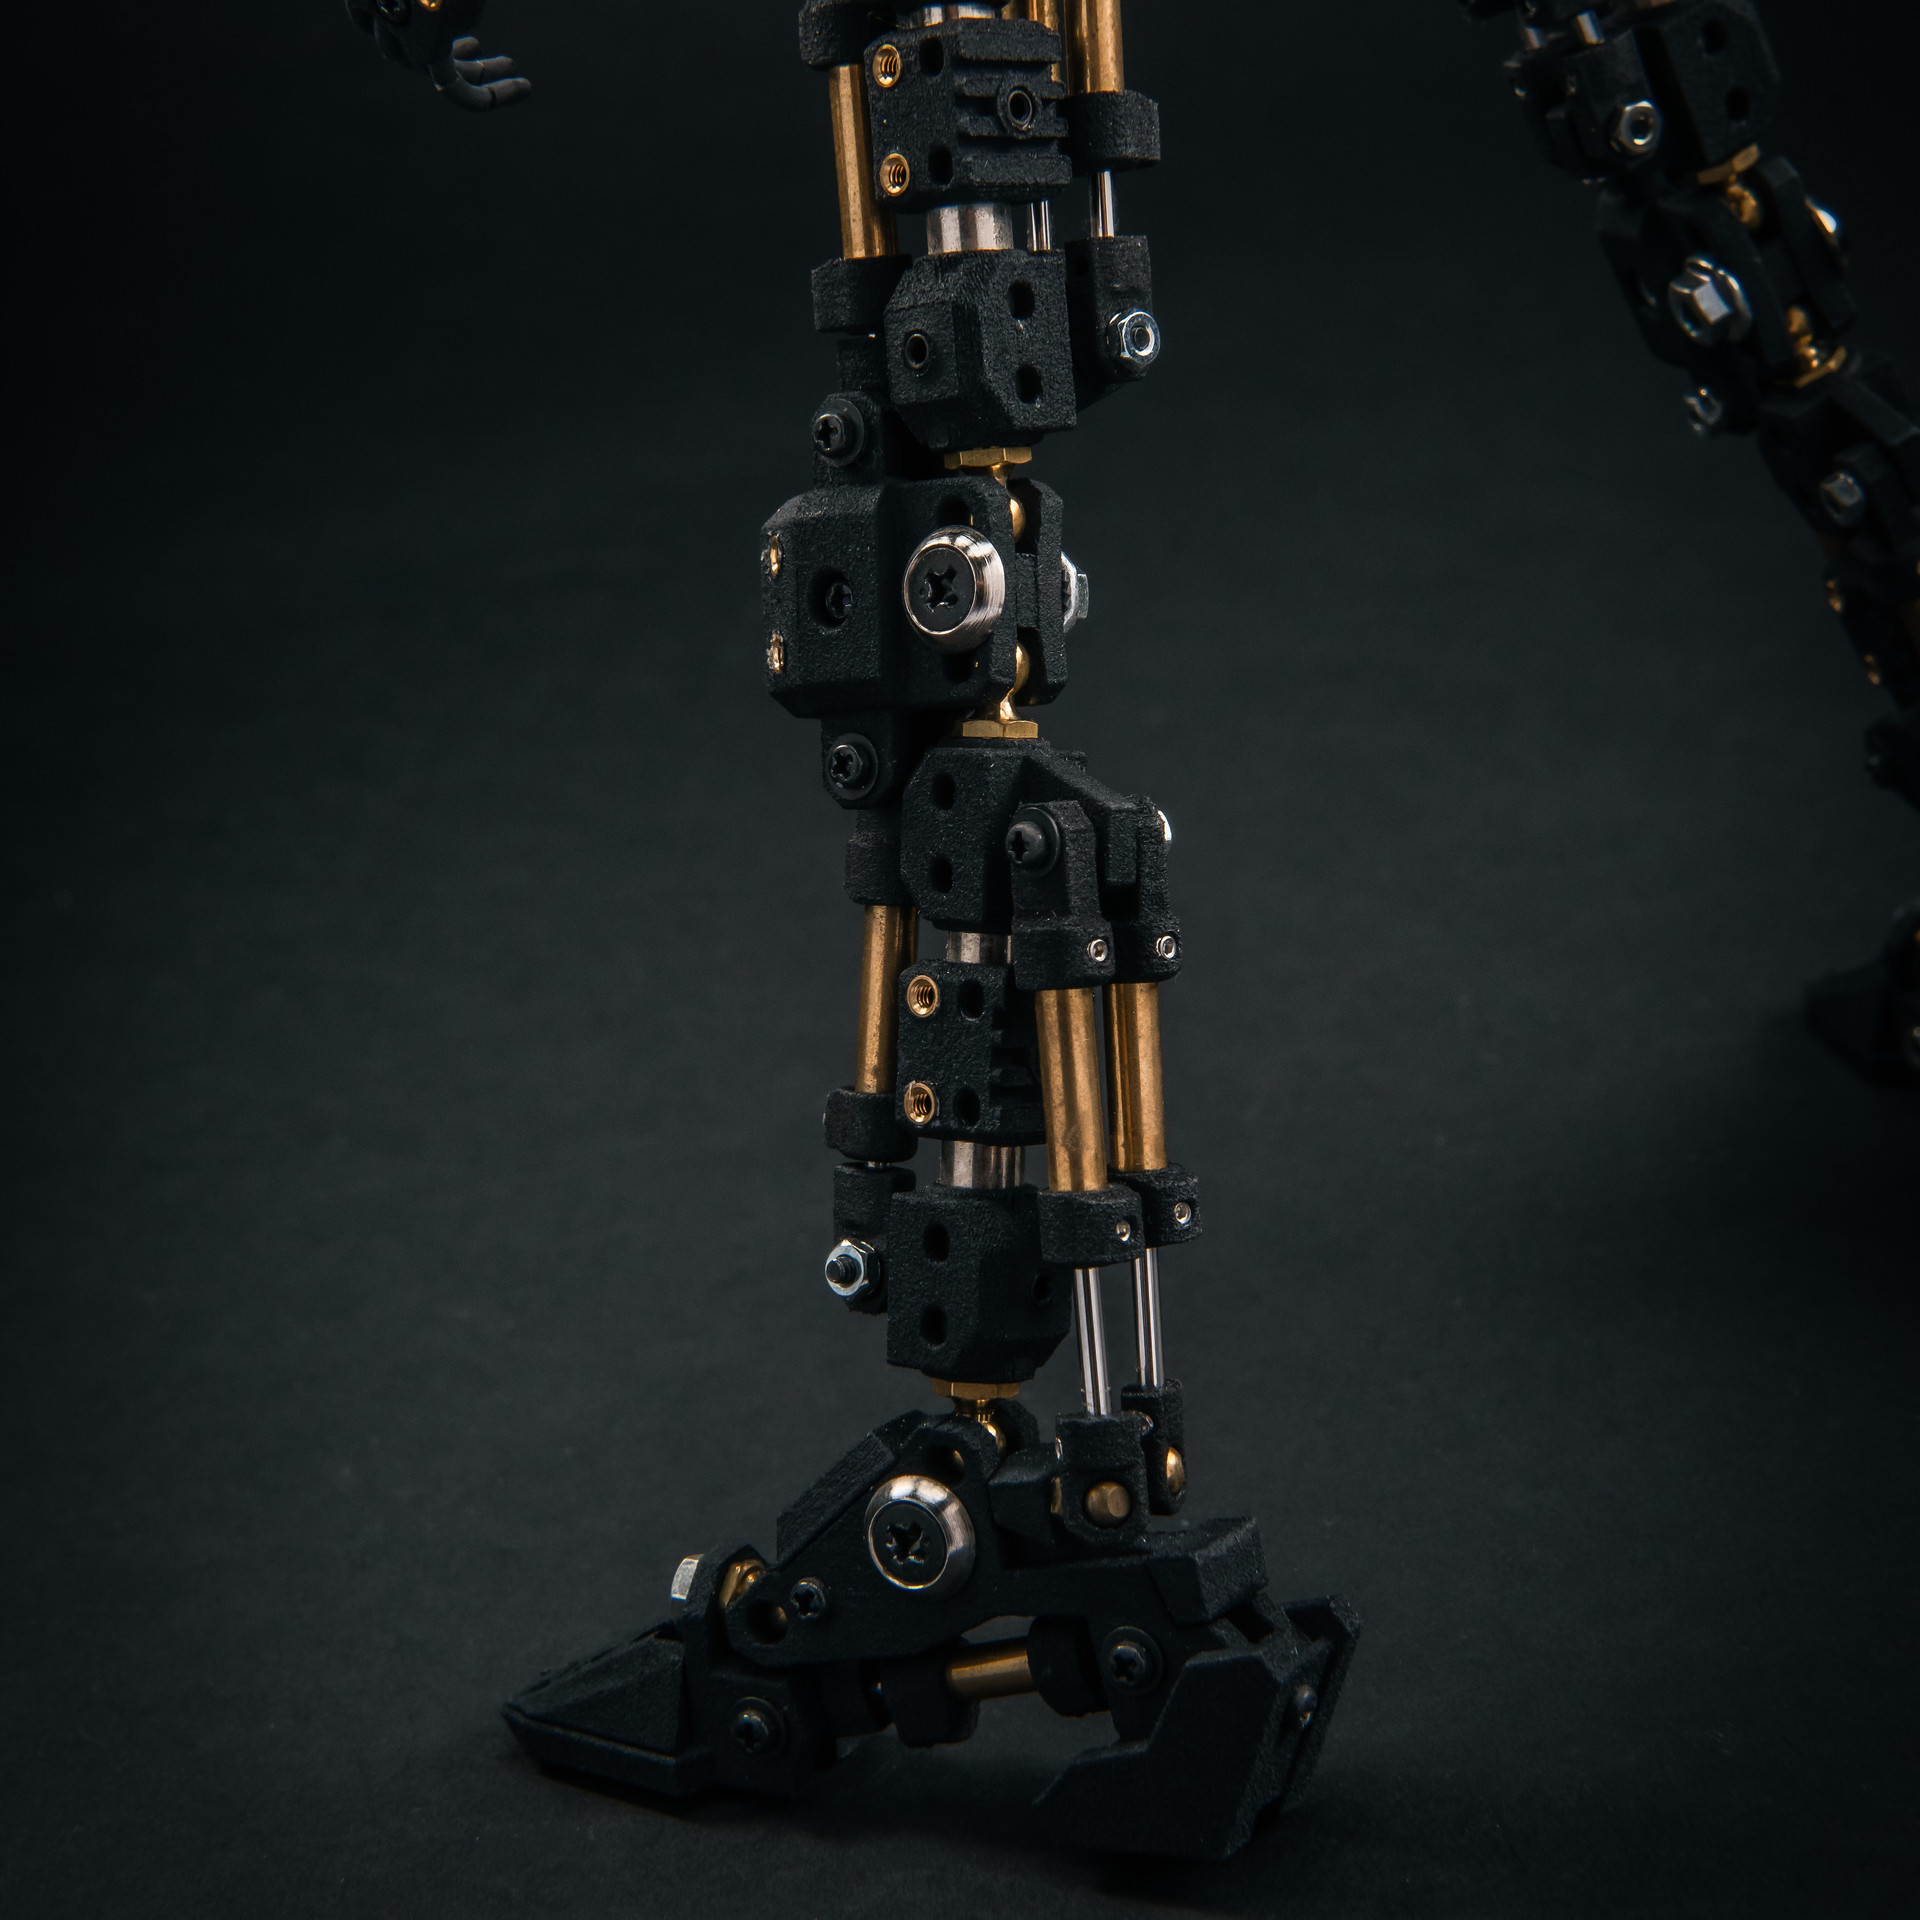 ロボキネティックフレーム・脚部・背面